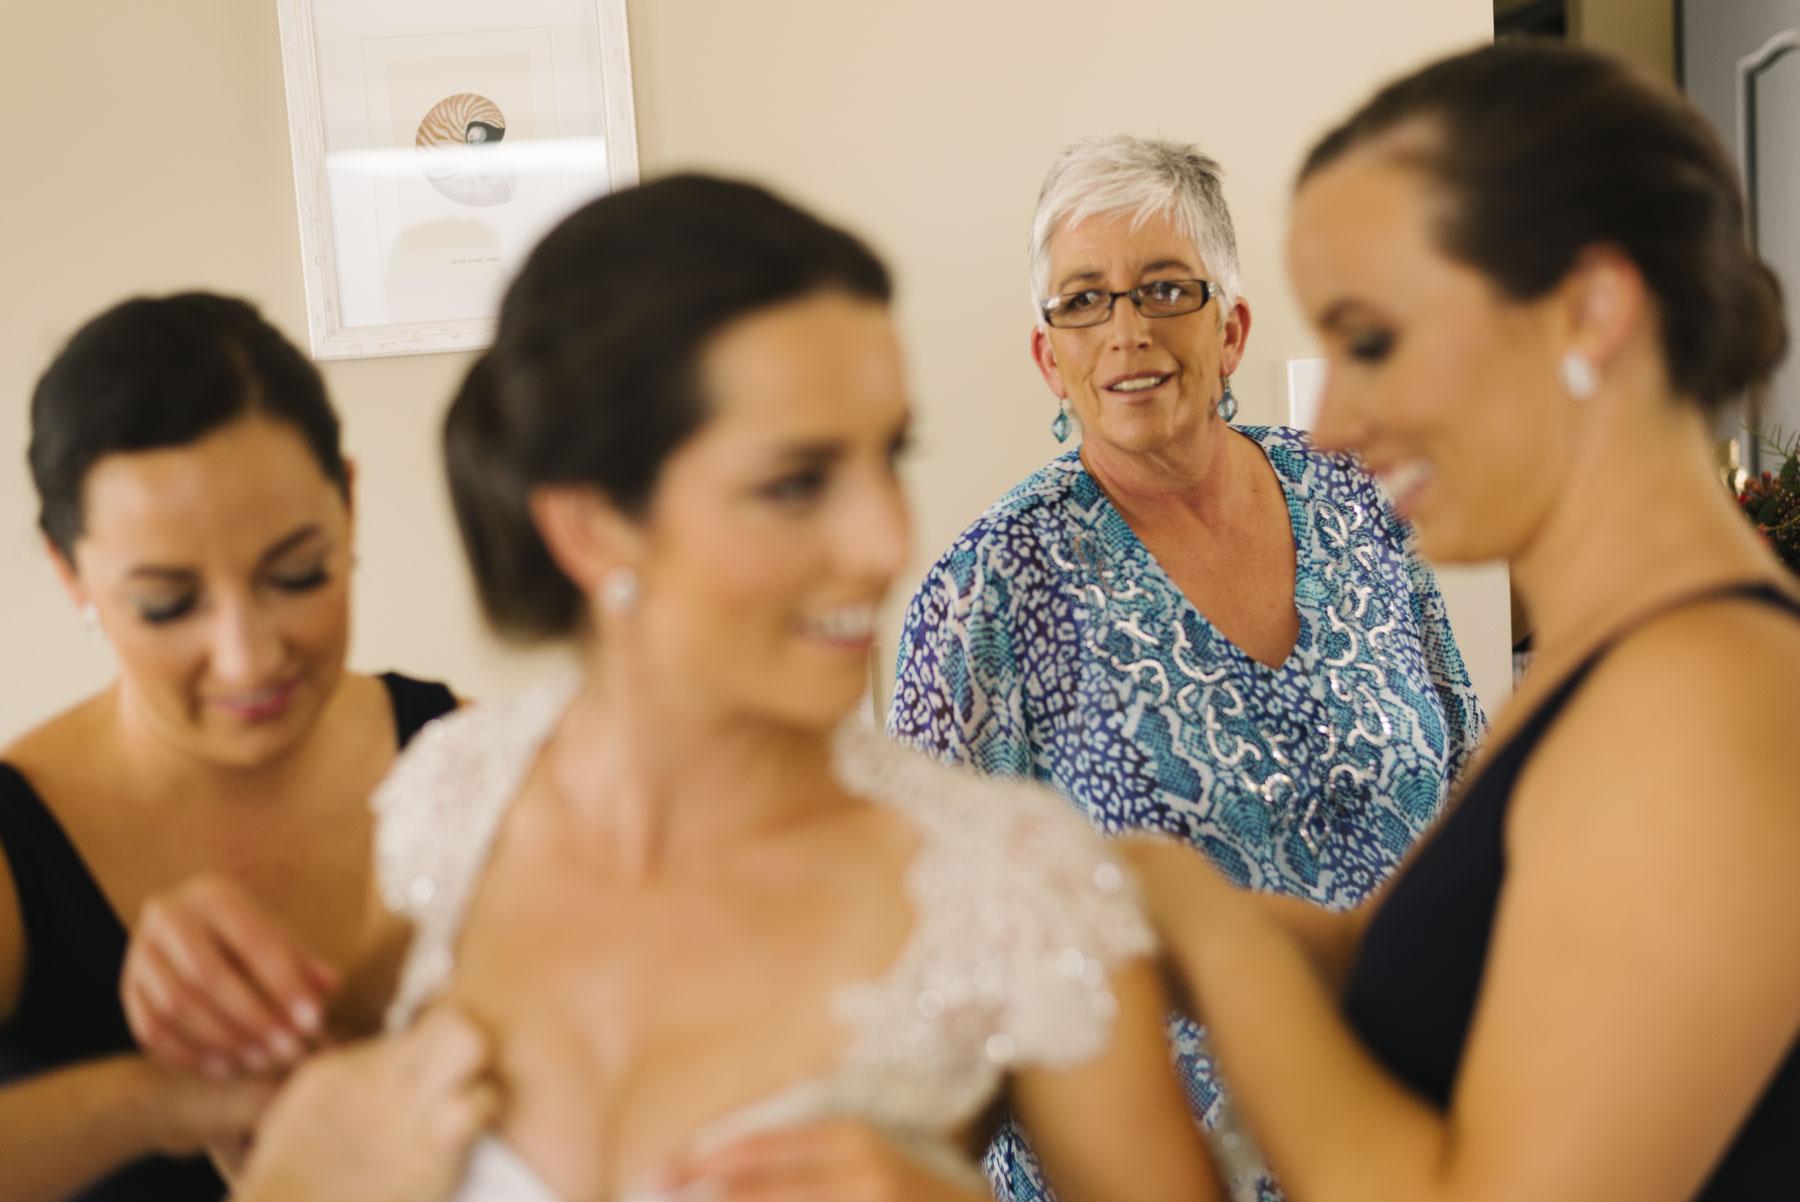 1501curchill-120alan_moyle_wedding_portrait_brighton_bayside_bay_of_fires_rustic_styled_rustic_beach_candid_documentry_binalongbay_tasmania_destination.jpg